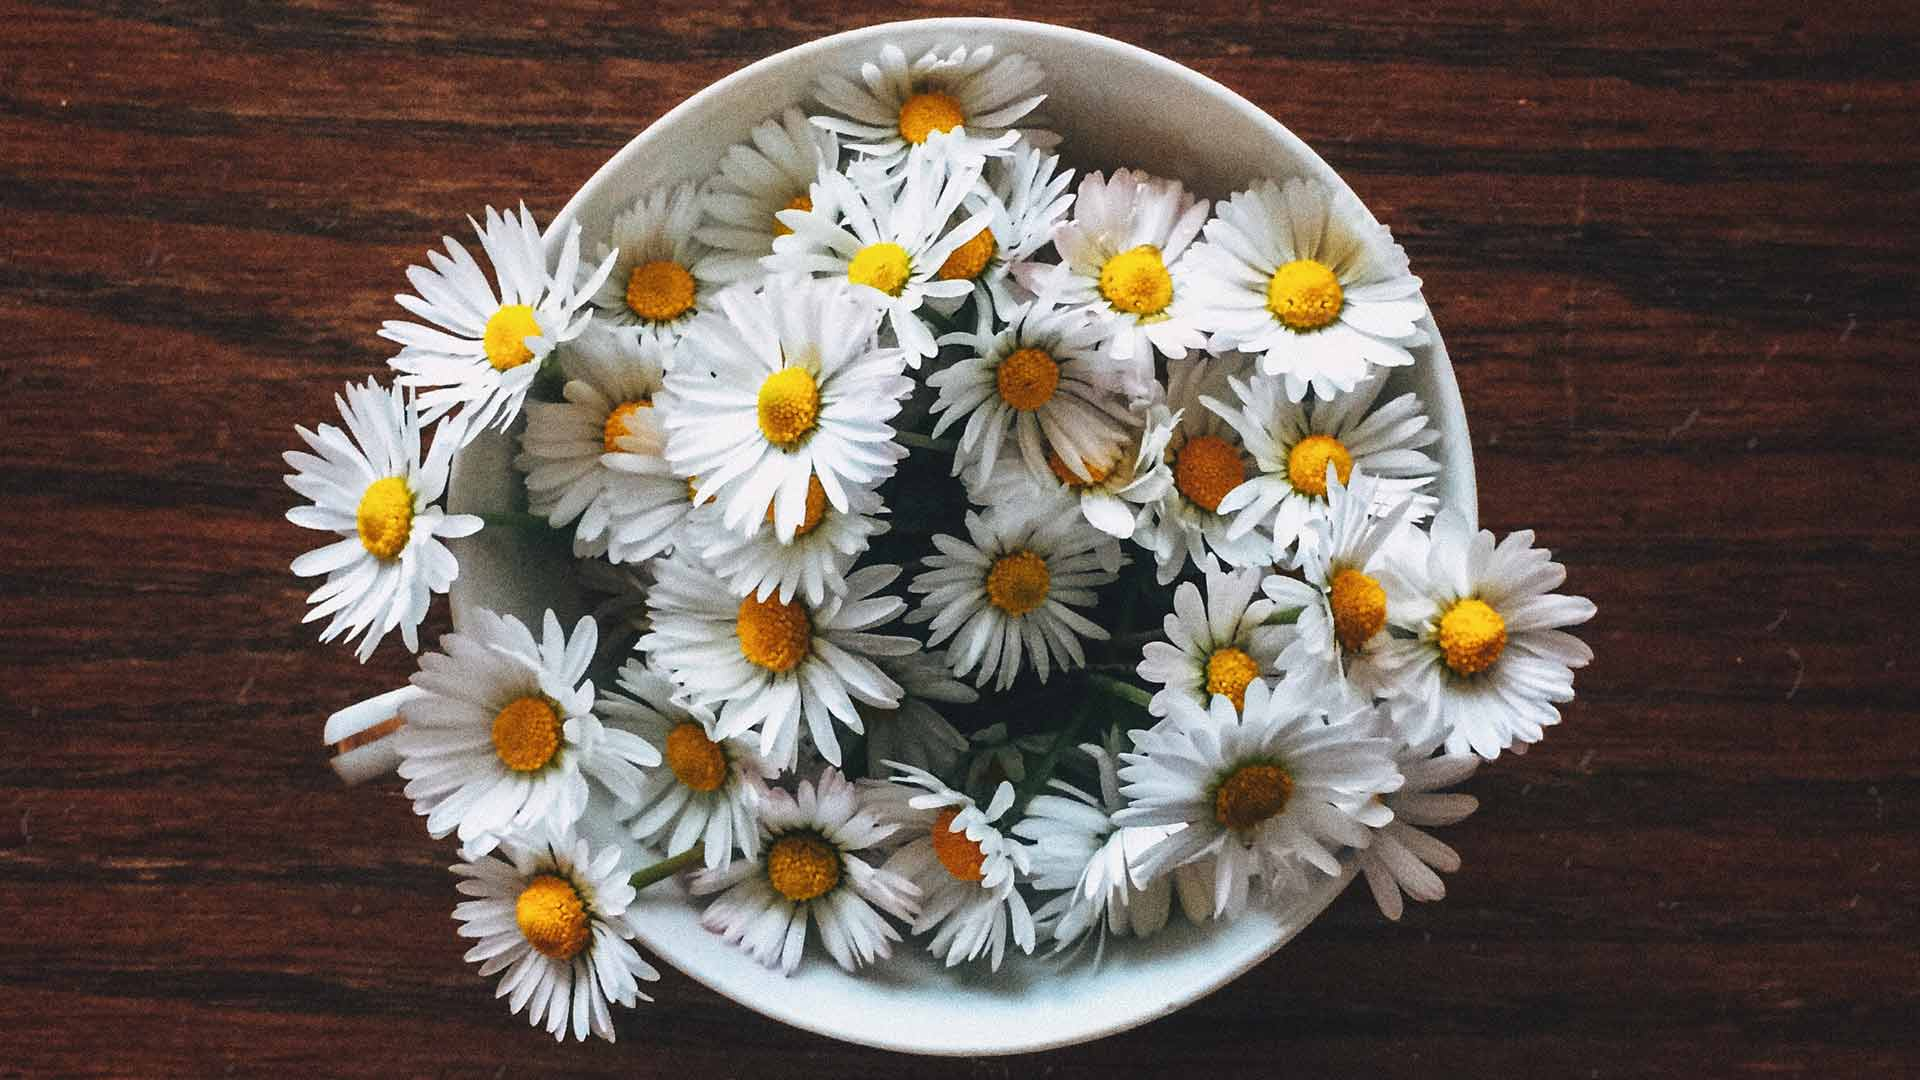 Gänseblümchen Pflanzen und Pflegen. So geht's desmondo garten